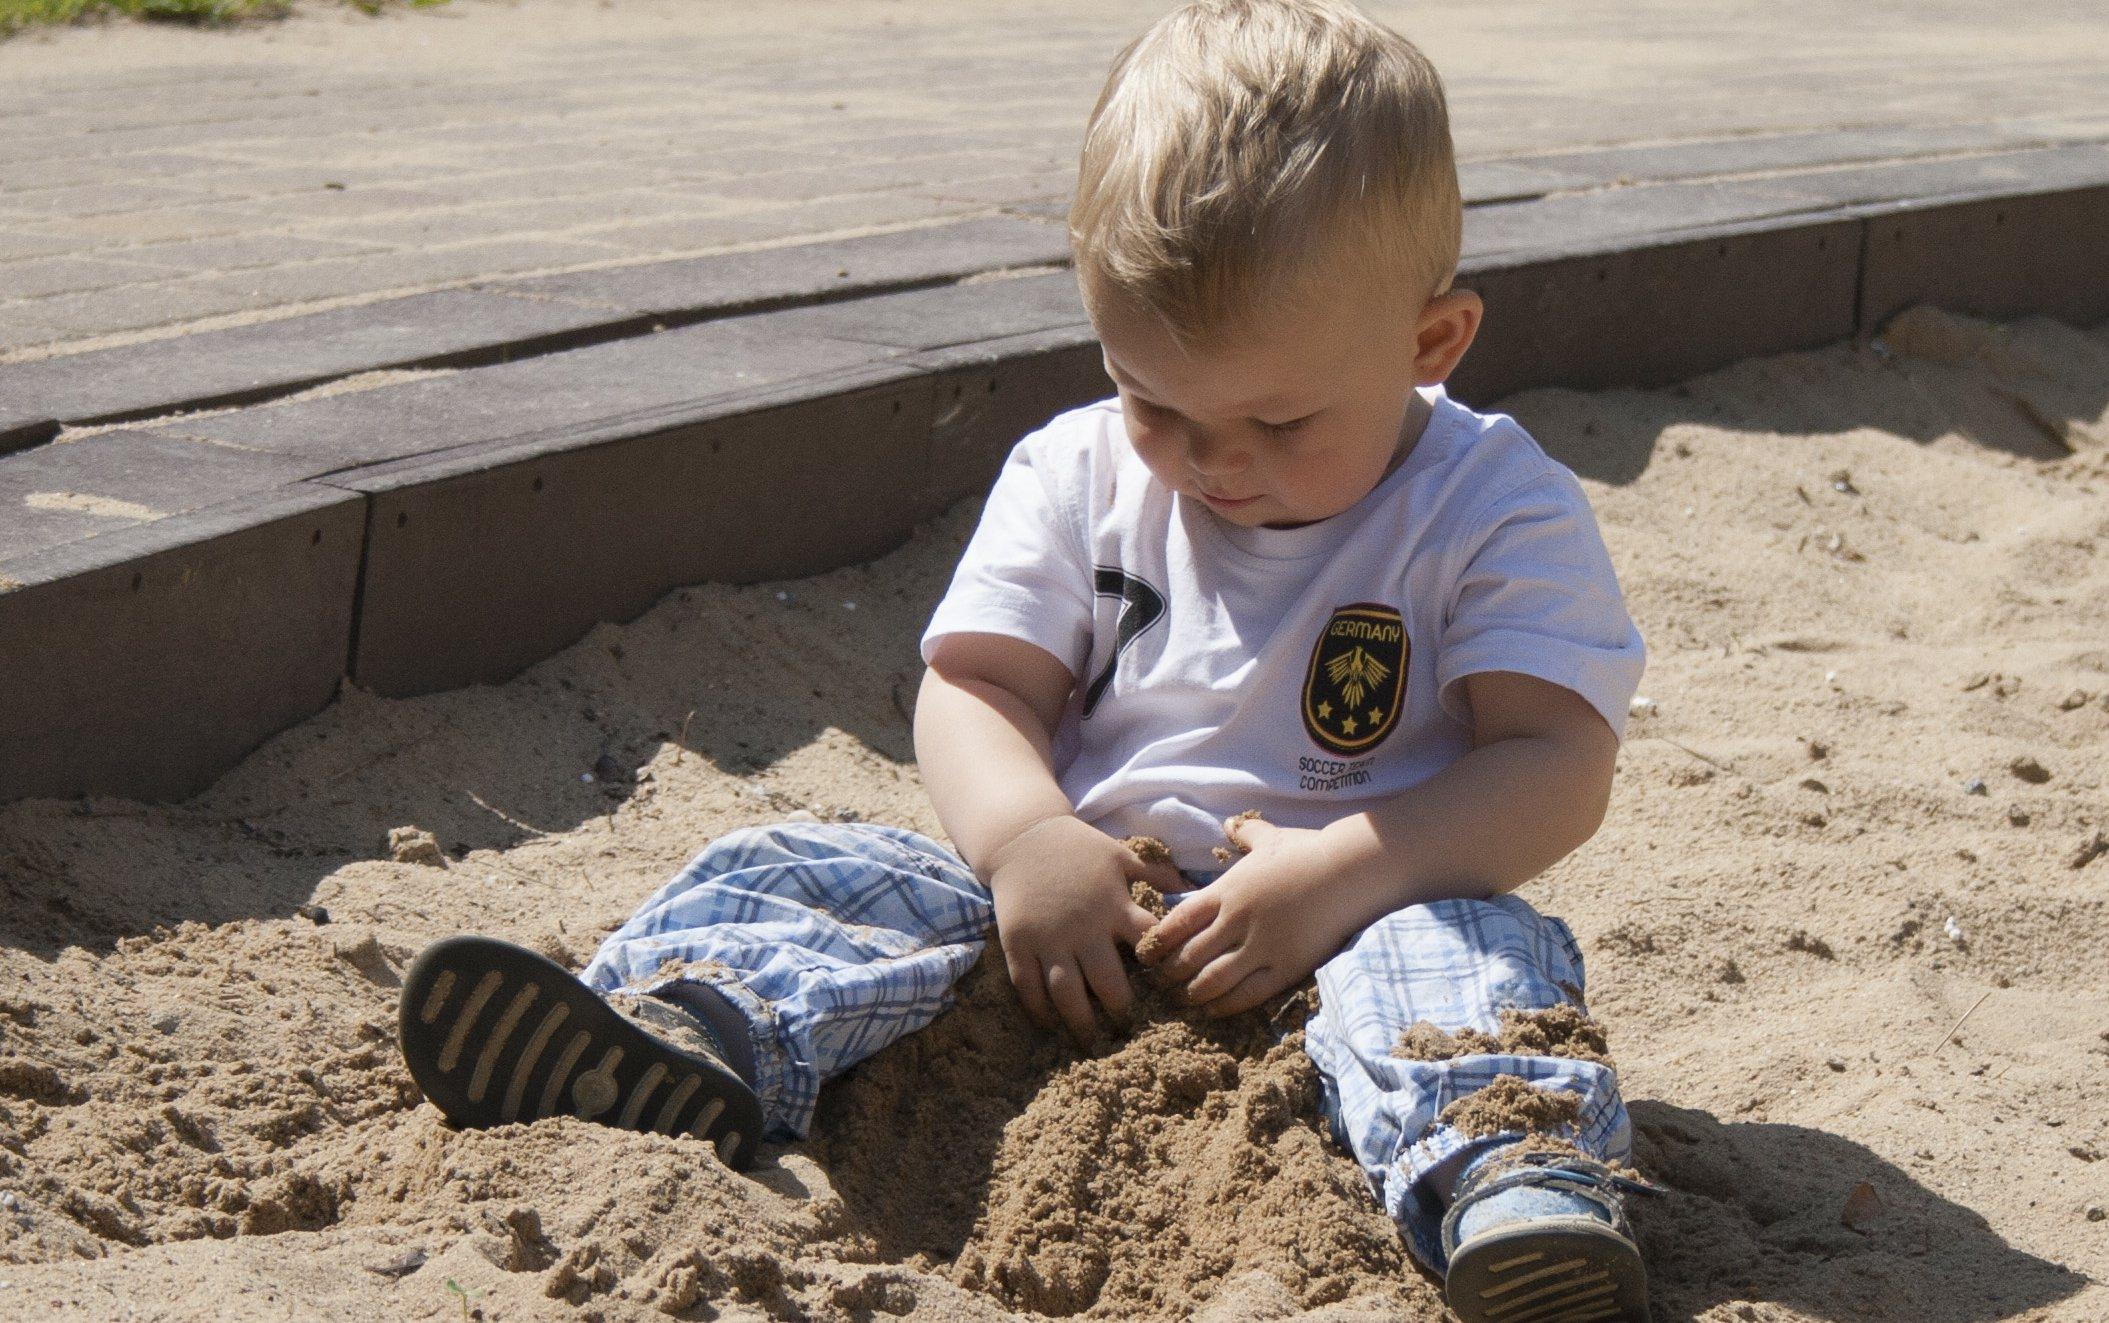 Schon als Einjährige ganztags in der Kita – führt das bei Kindern zu mehr Verhaltensauffälligkeiten später dann auch in der Schule?